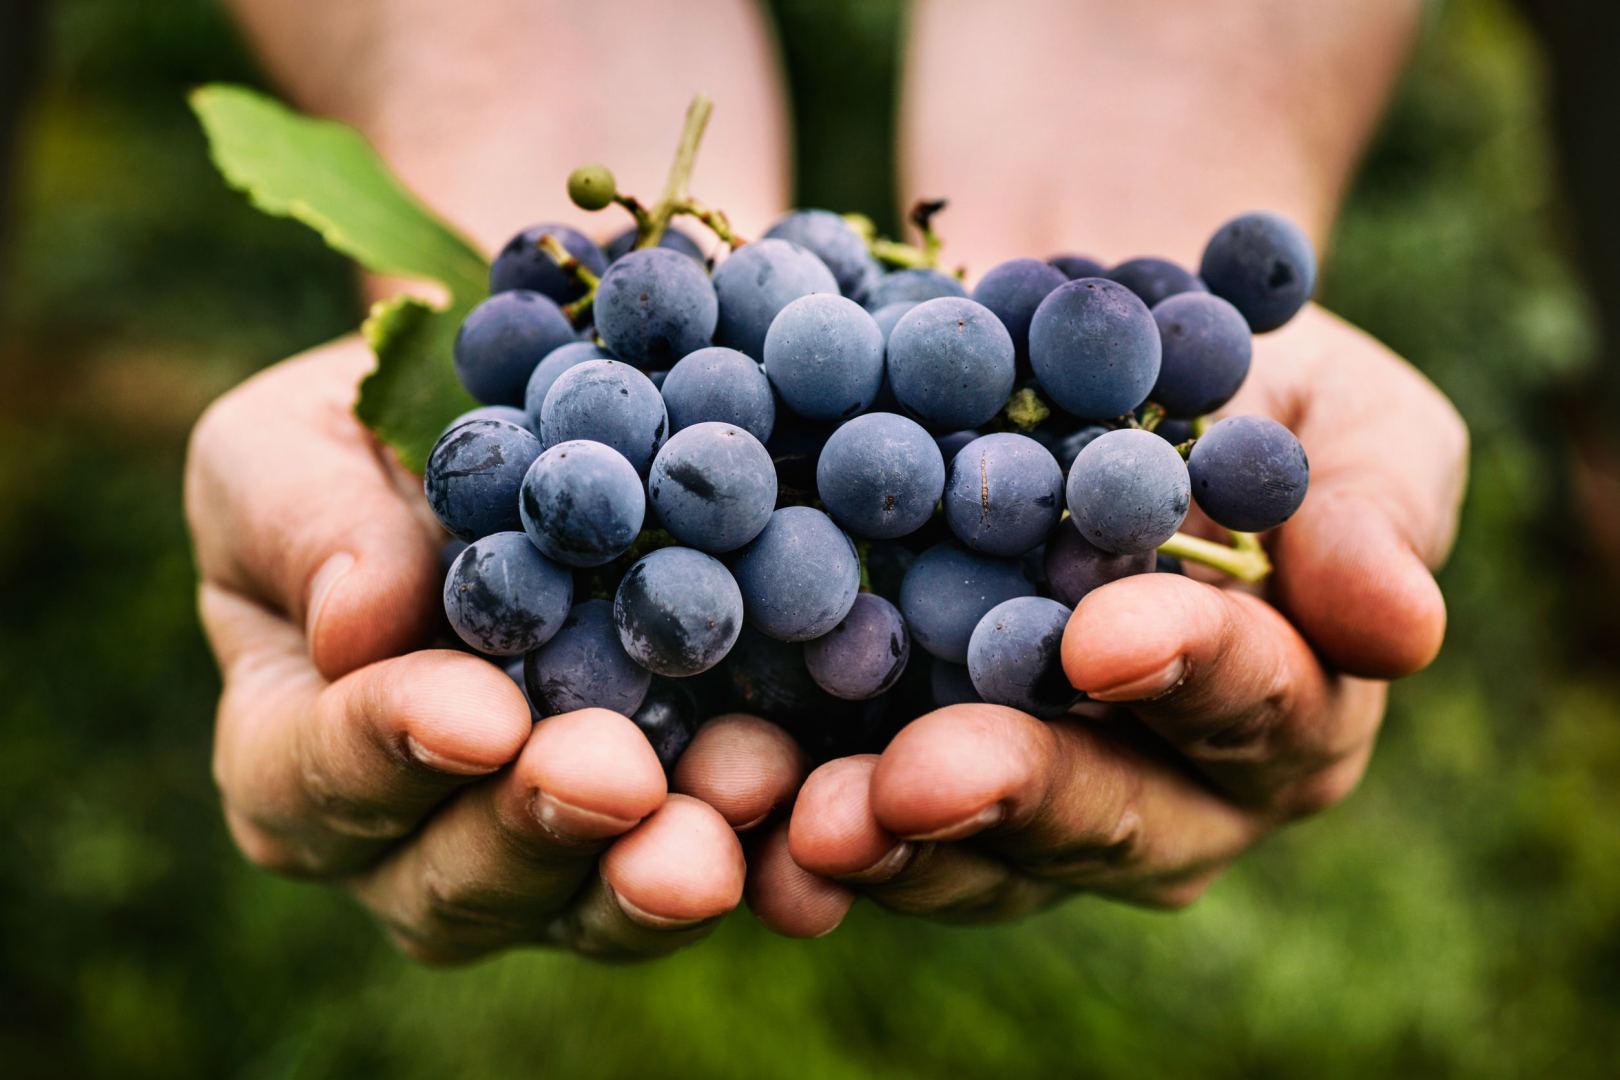 vynuogių pasirinkimo galimybės